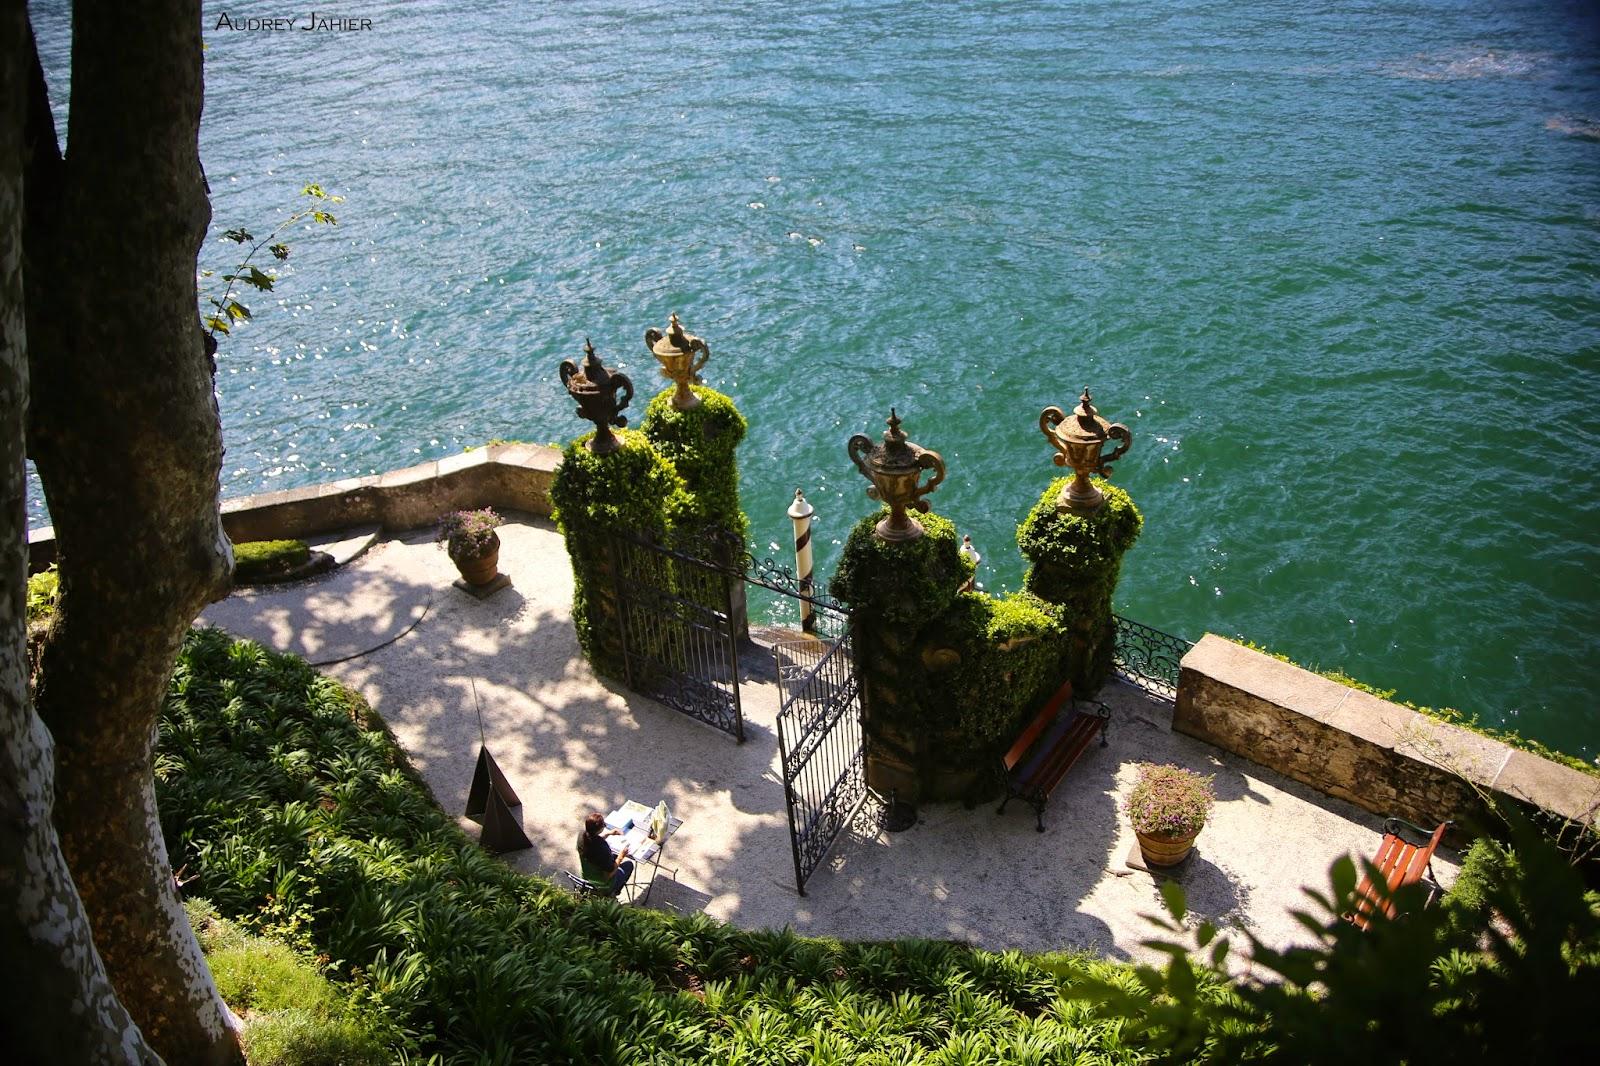 Villa-de-balbianello-lac-de-come-italie-starwars